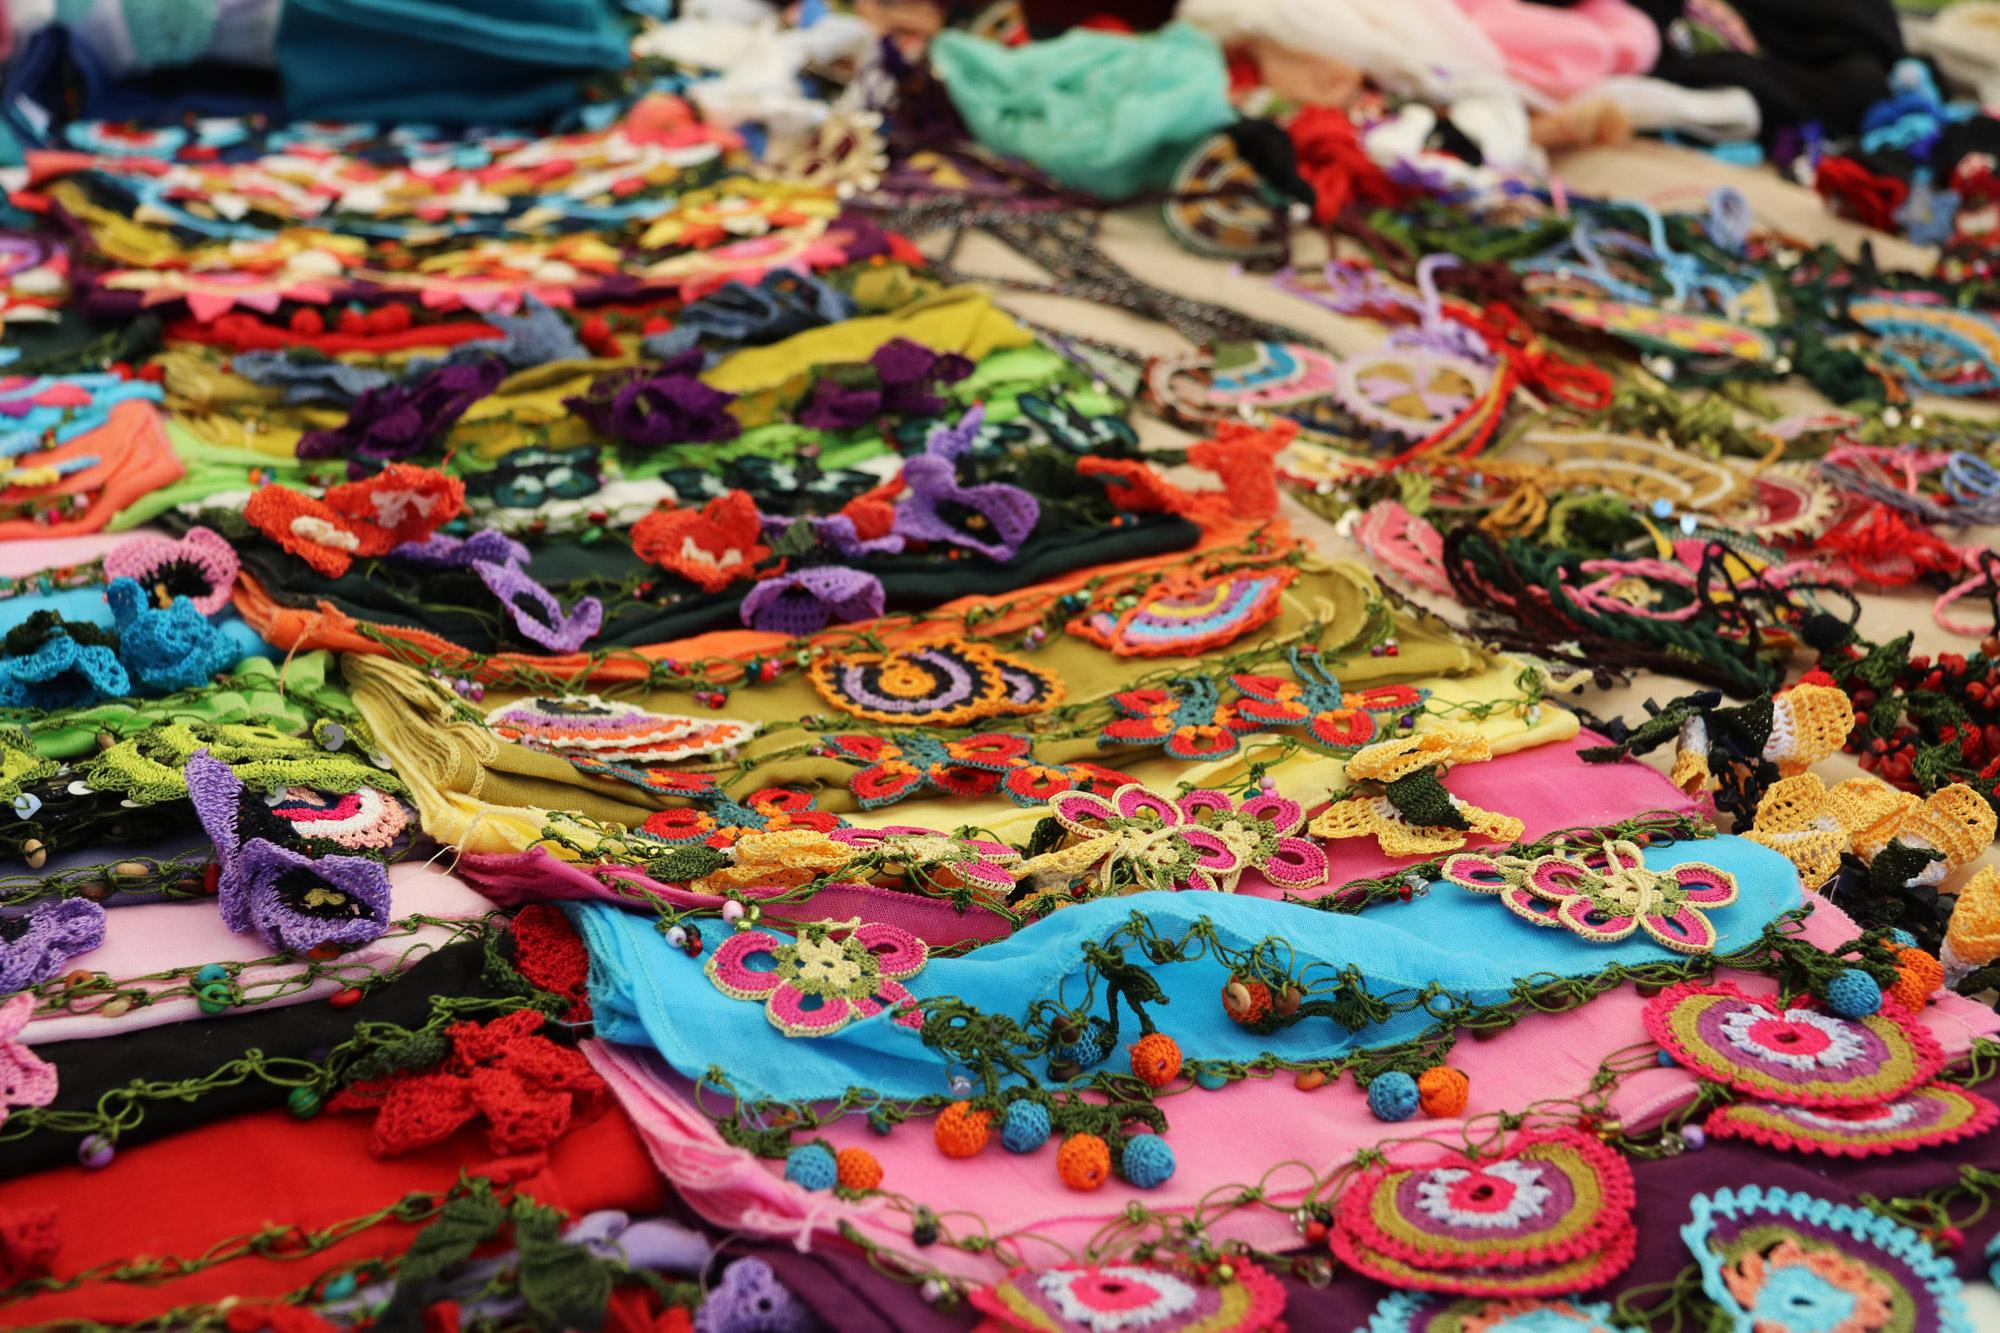 Turkije reisverslag: Laatste dag in Alaçatı - Breiwerk op de markt van Alaçatı